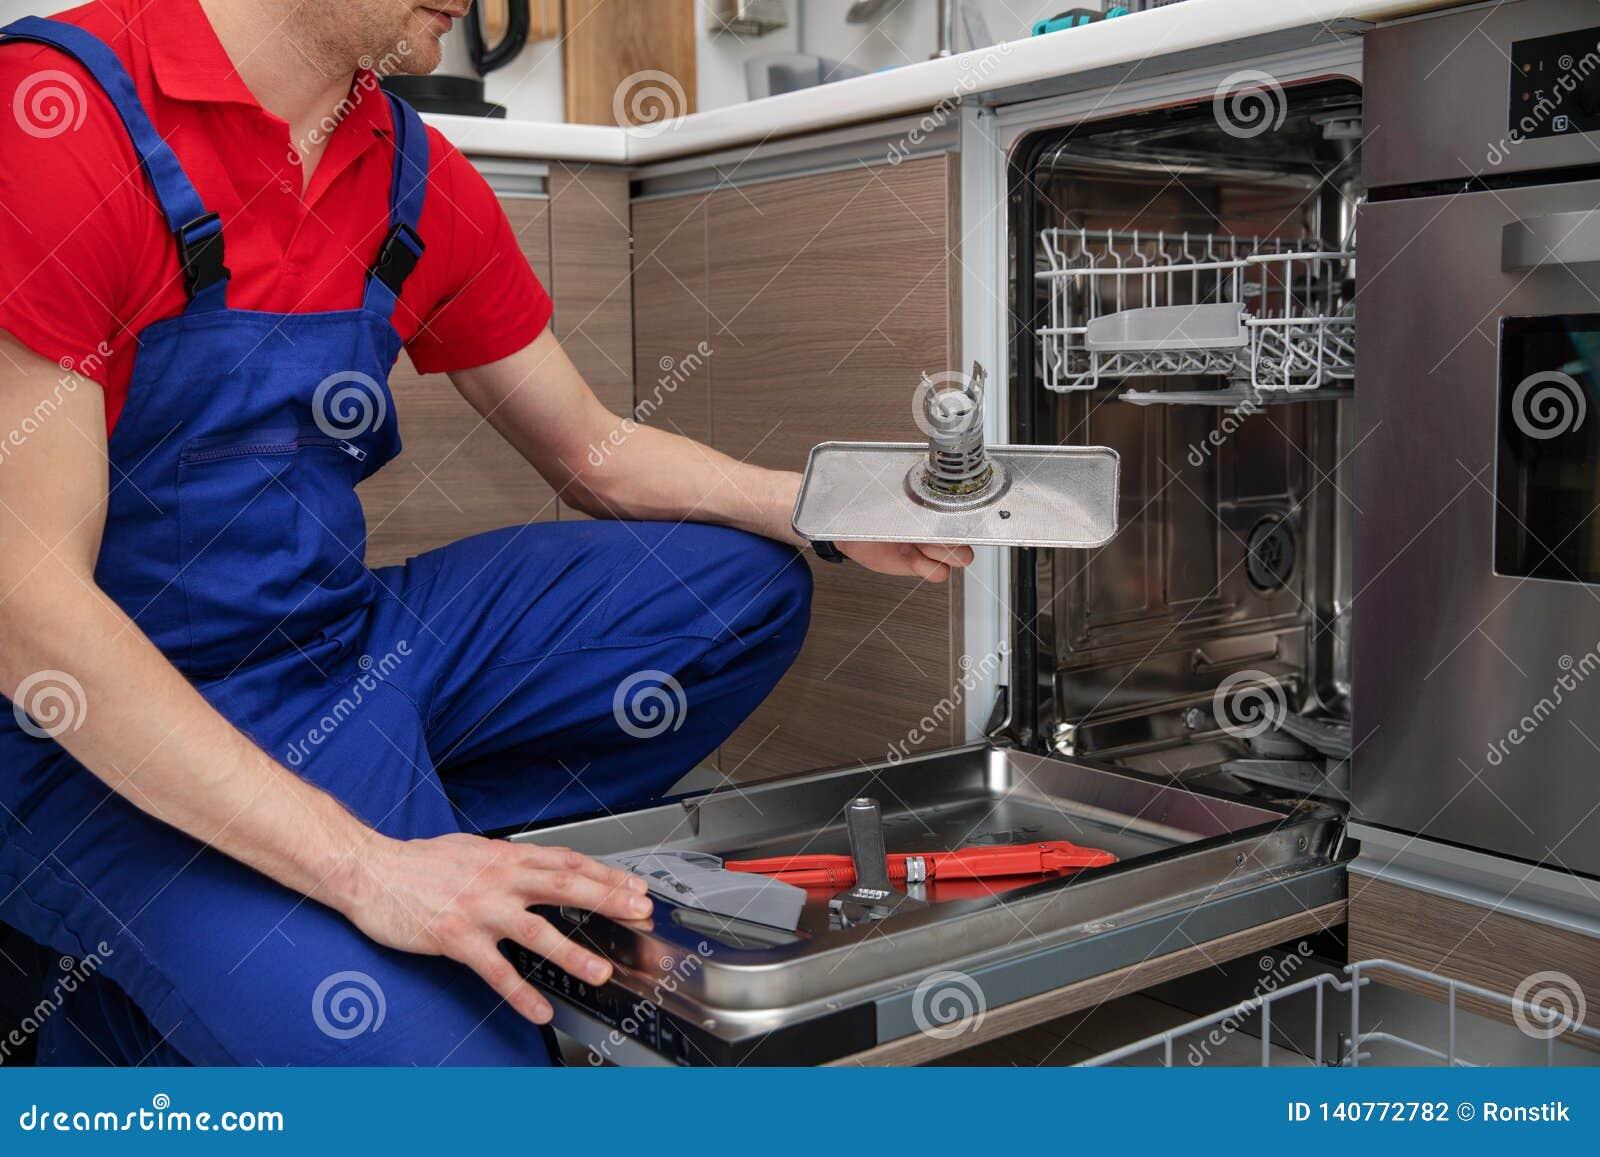 Entretien Du Lave Vaisselle entretien d'appareil ménager - bricoleur enlevant le filtre